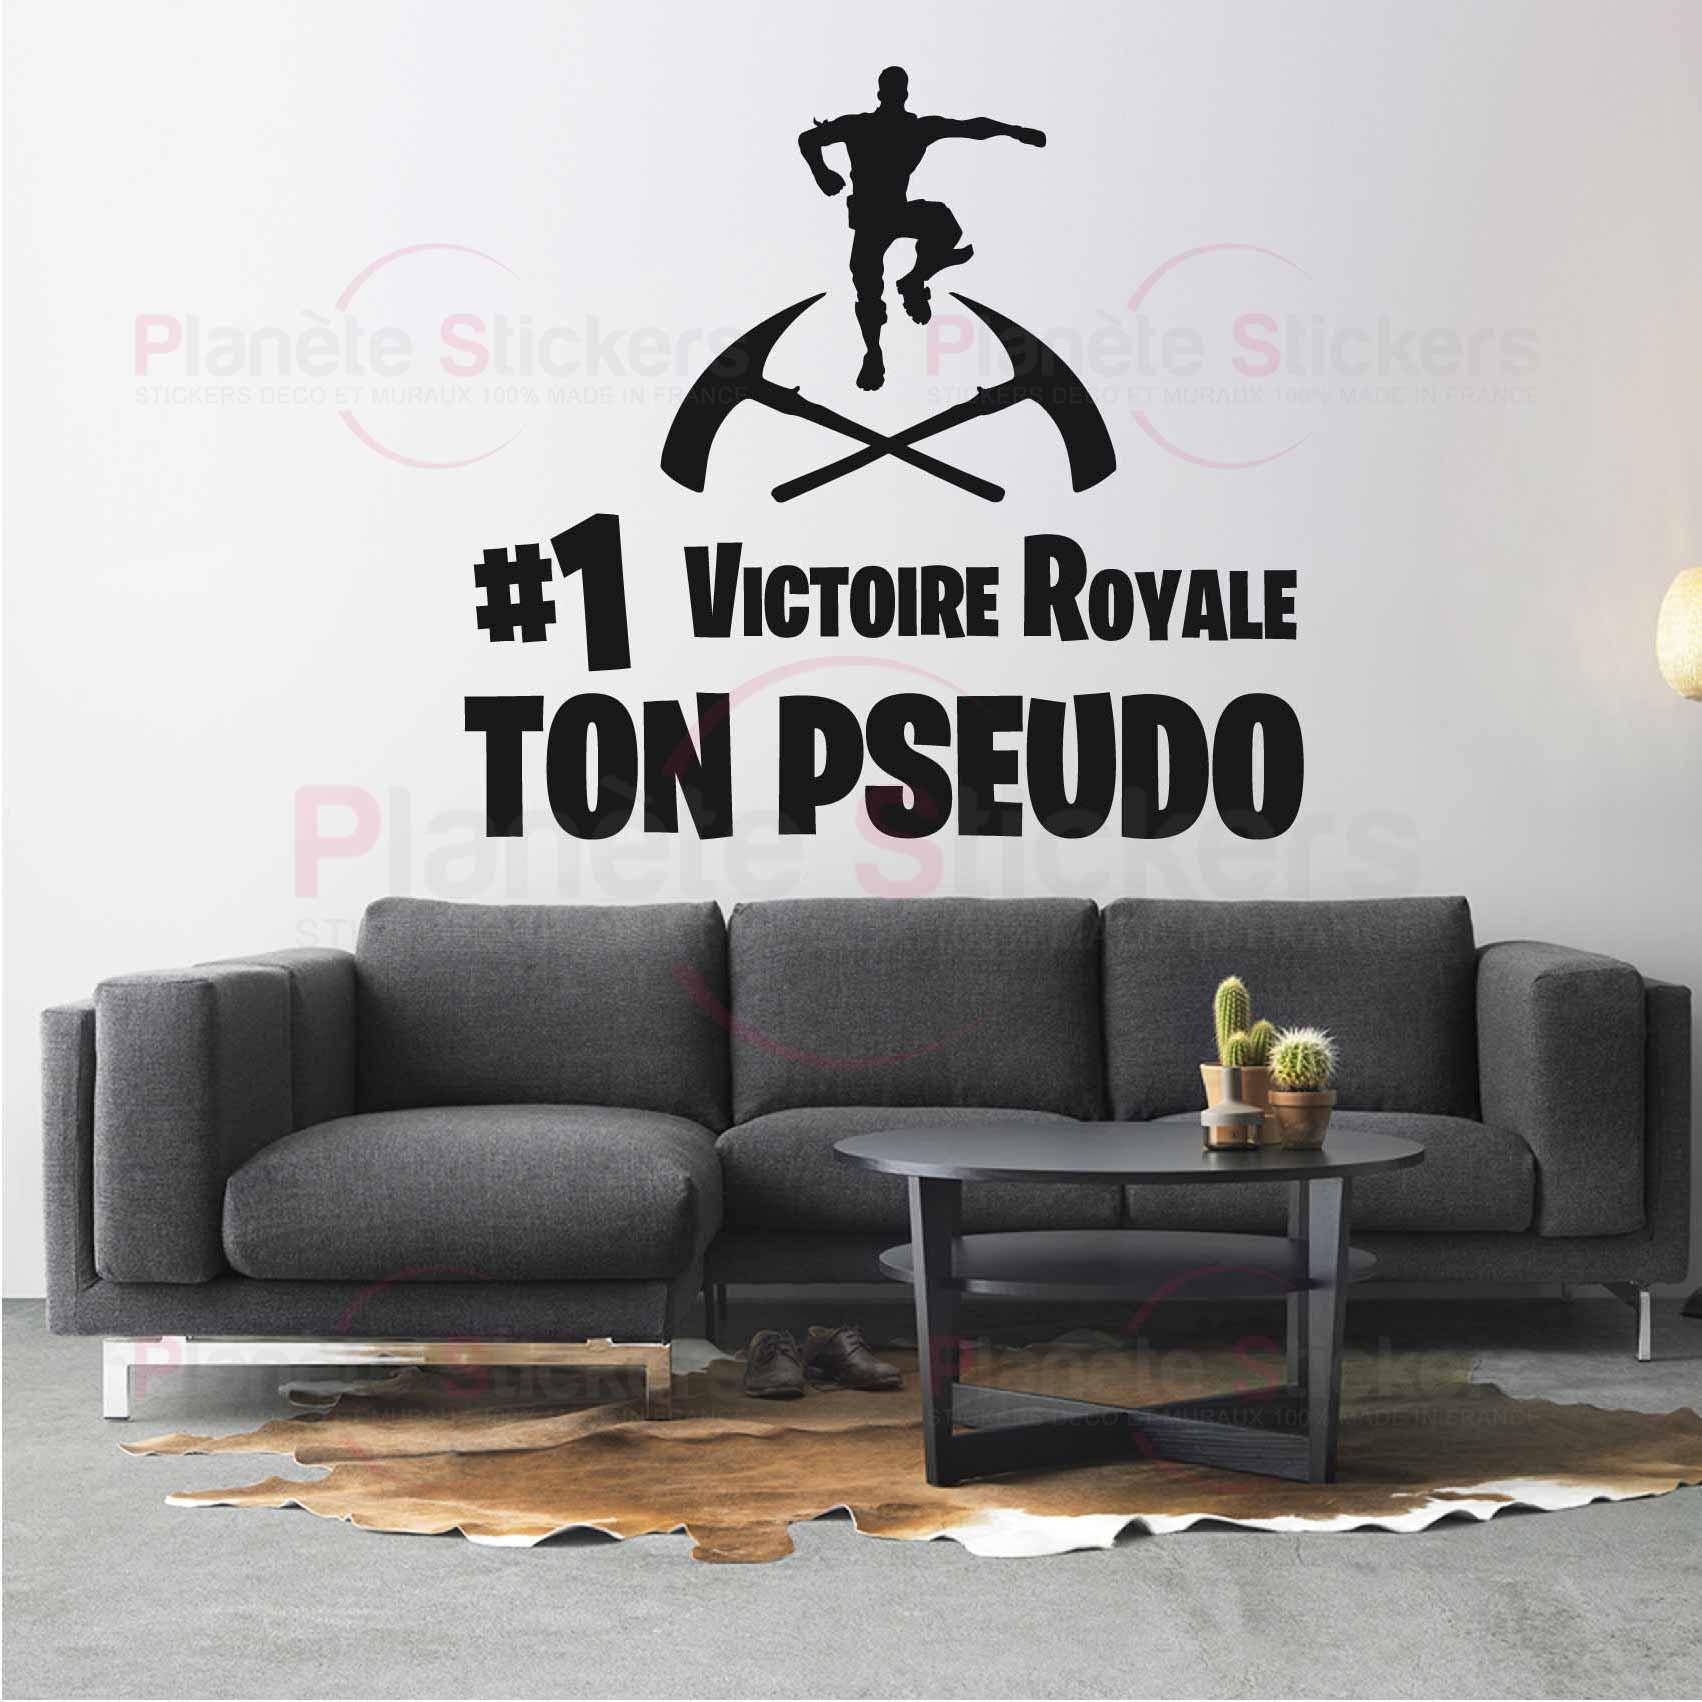 Stickers Fortnite Personnalise Battle Royale Autocollant Muraux Et